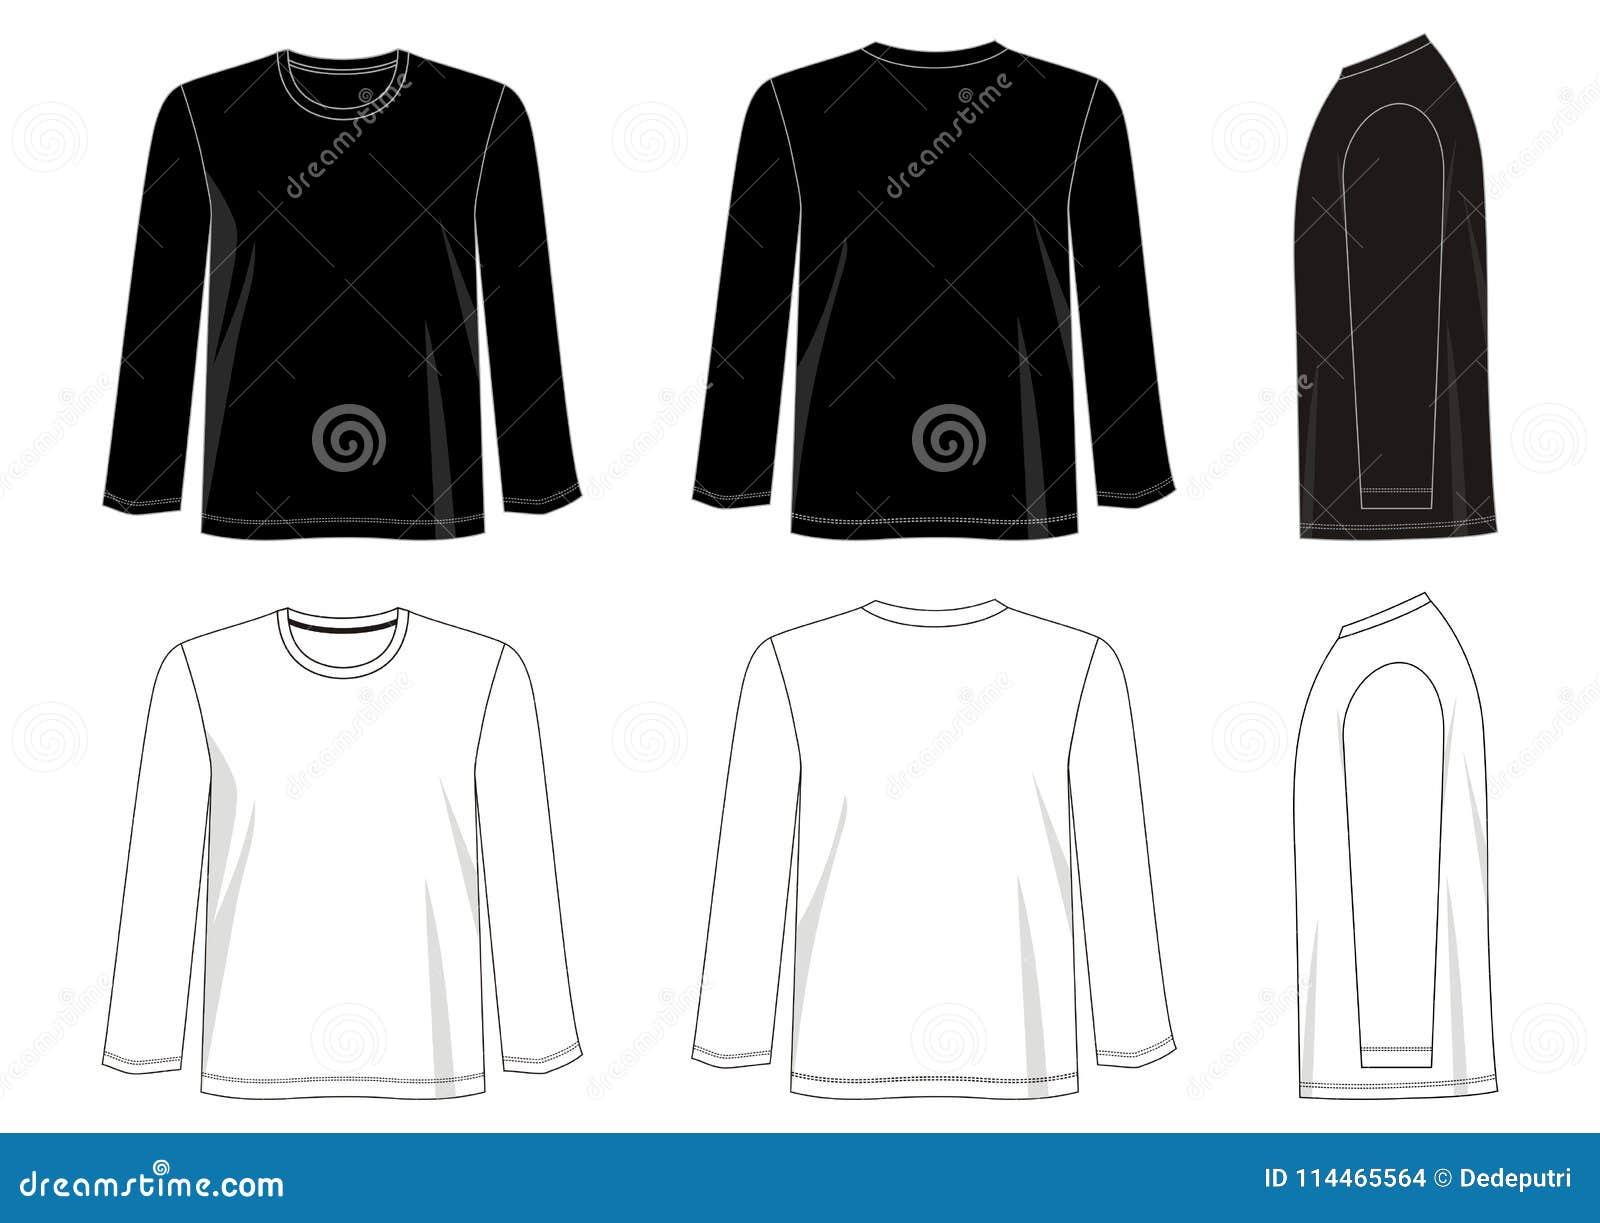 Increíble Plantilla De Camiseta Atrás Ilustración - Ejemplo De ...